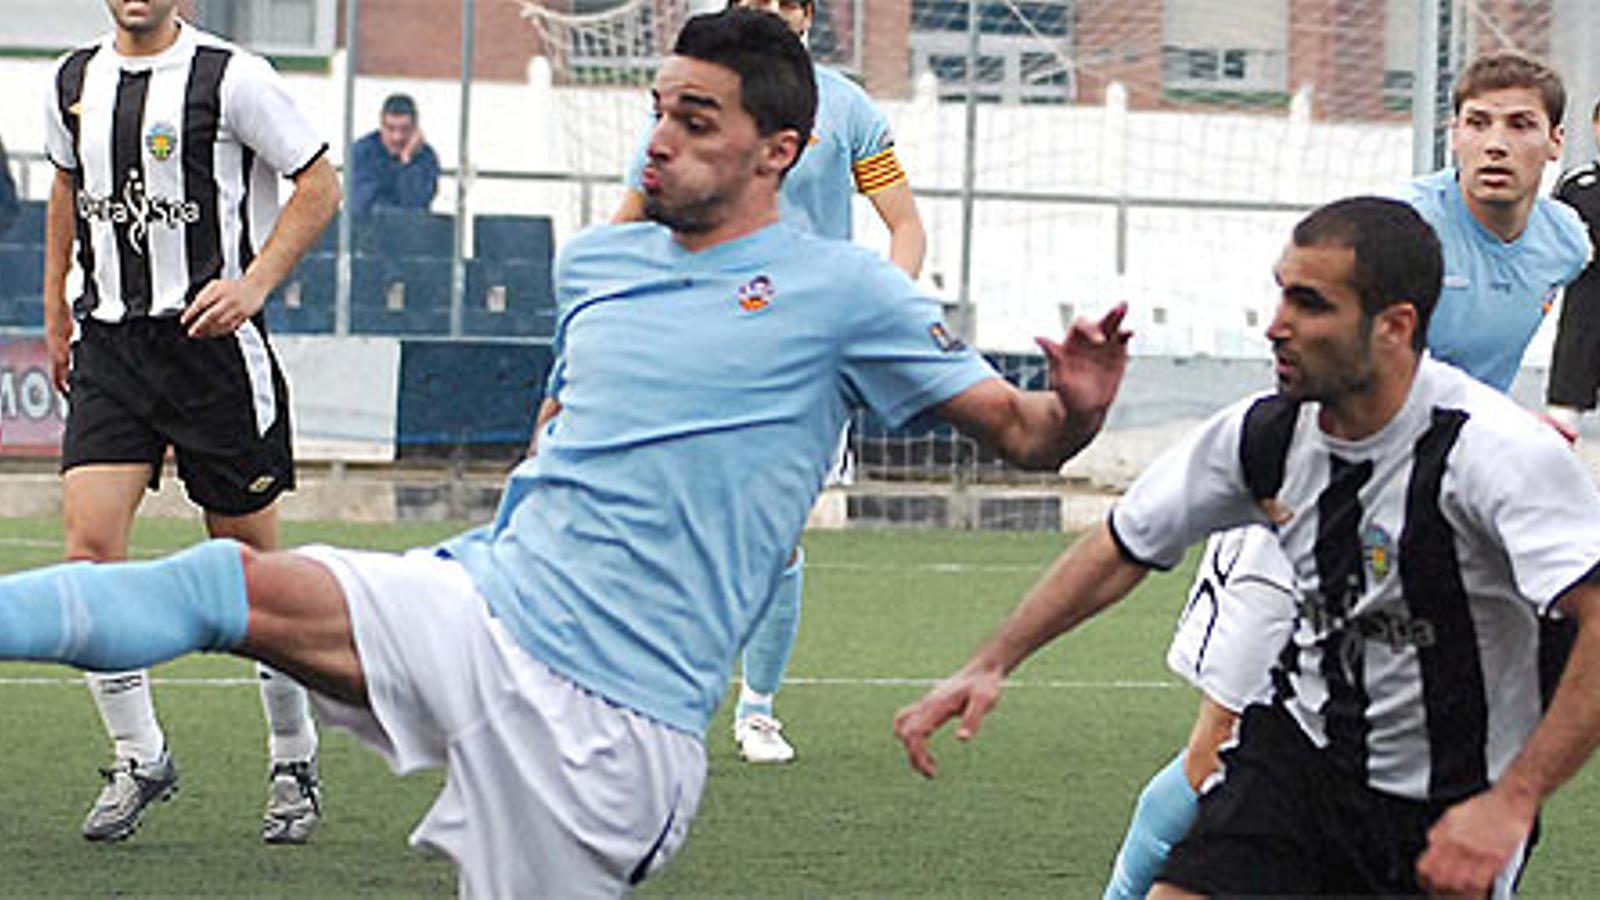 L'Amposta i el Vilanova han signat l'únic partit sense gols / MIQUELL VALL